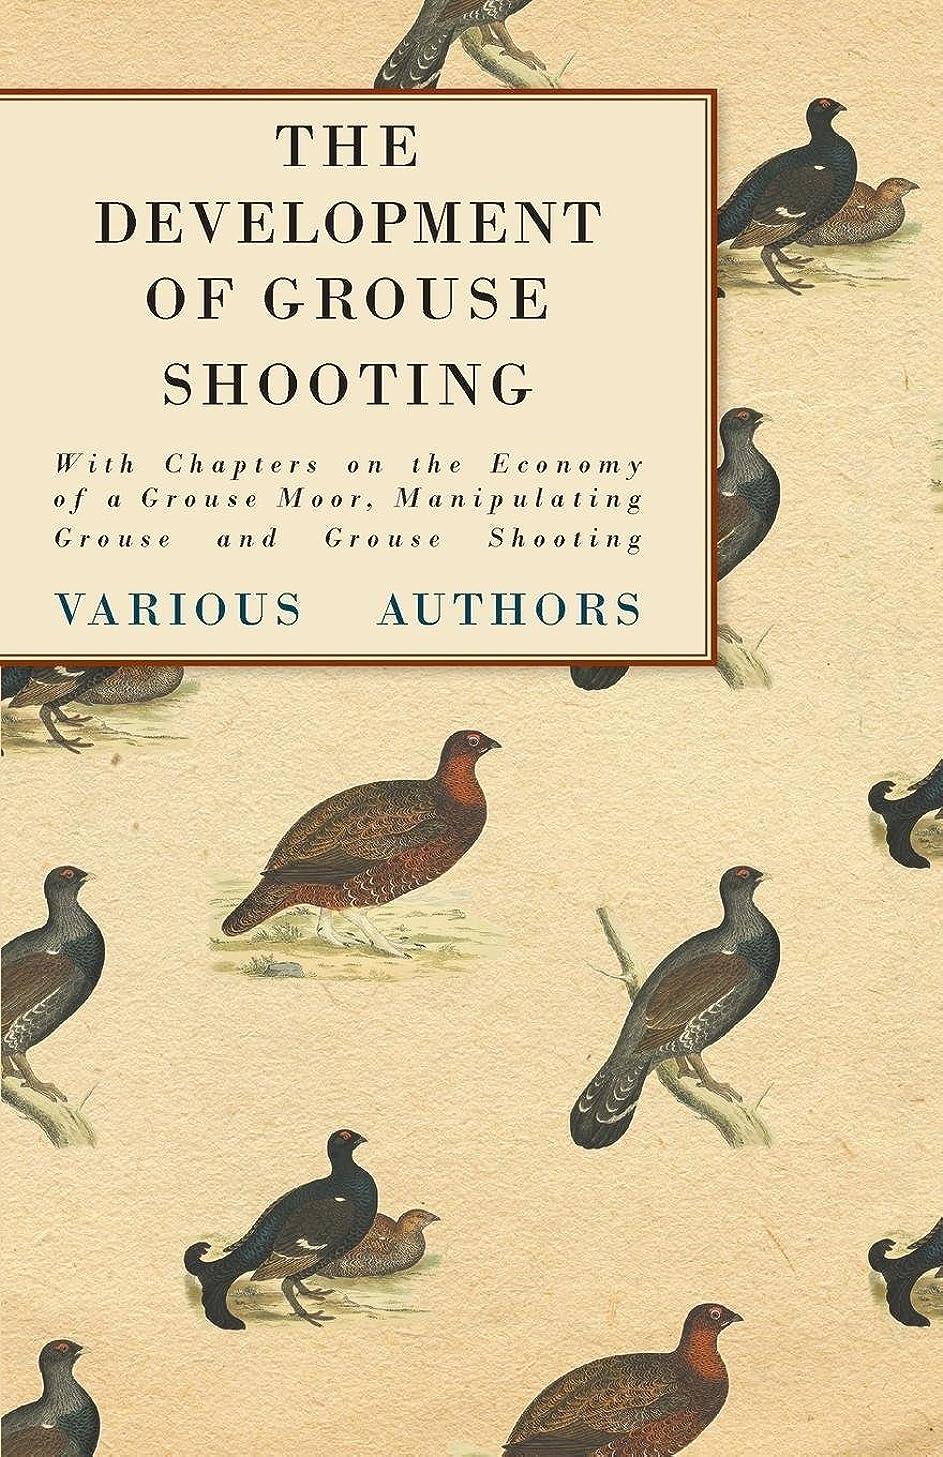 民主主義機械的作業The Development of Grouse Shooting - With Chapters on the Economy of a Grouse Moor, Manipulating Grouse and Grouse Shooting